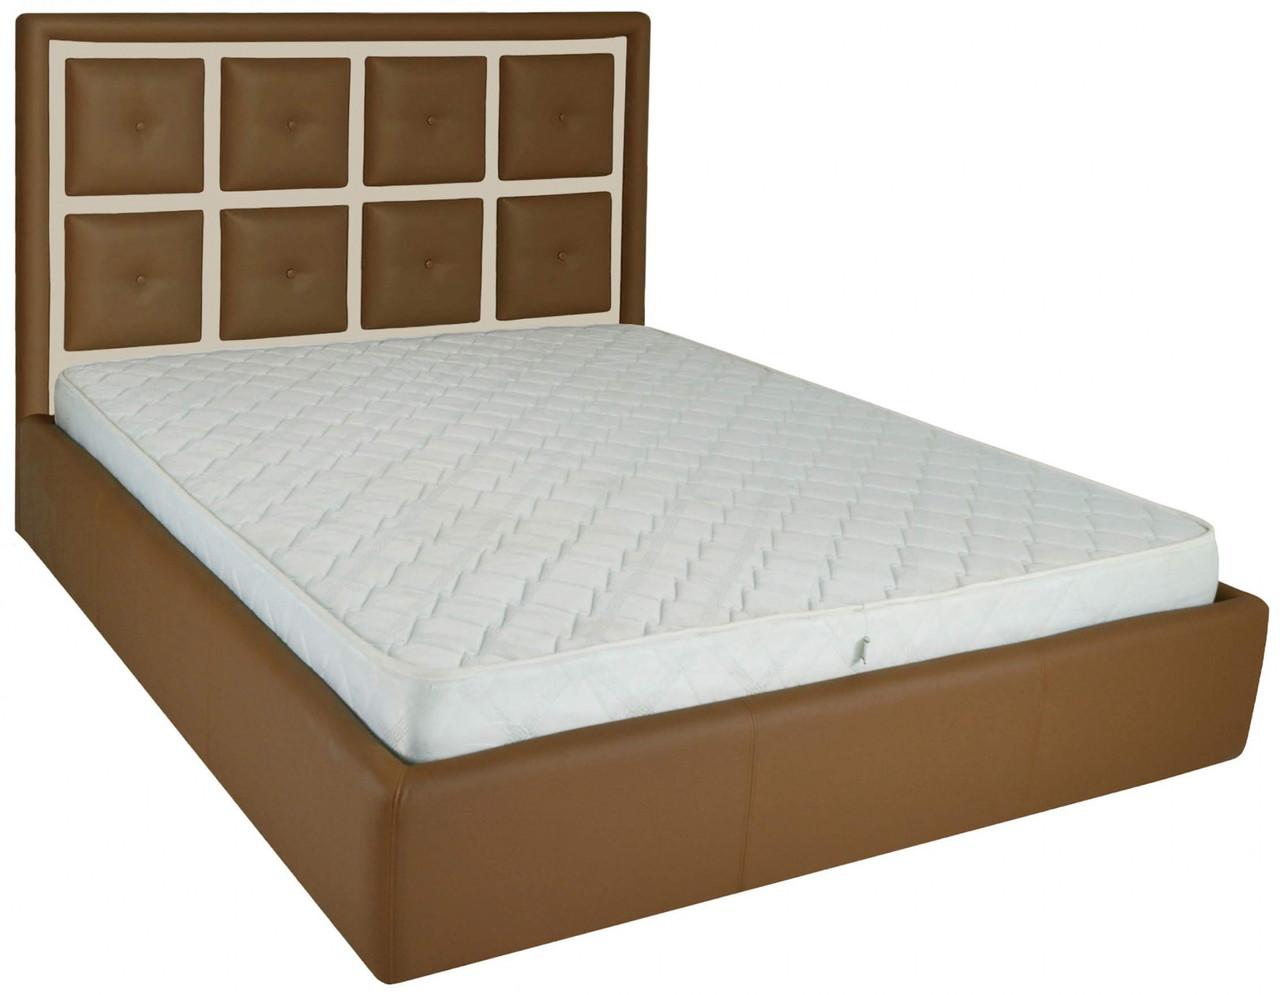 Кровать Richman Виндзор VIP 140 х 190 см Флай 2213/2207 С дополнительной металлической цельносварной рамой